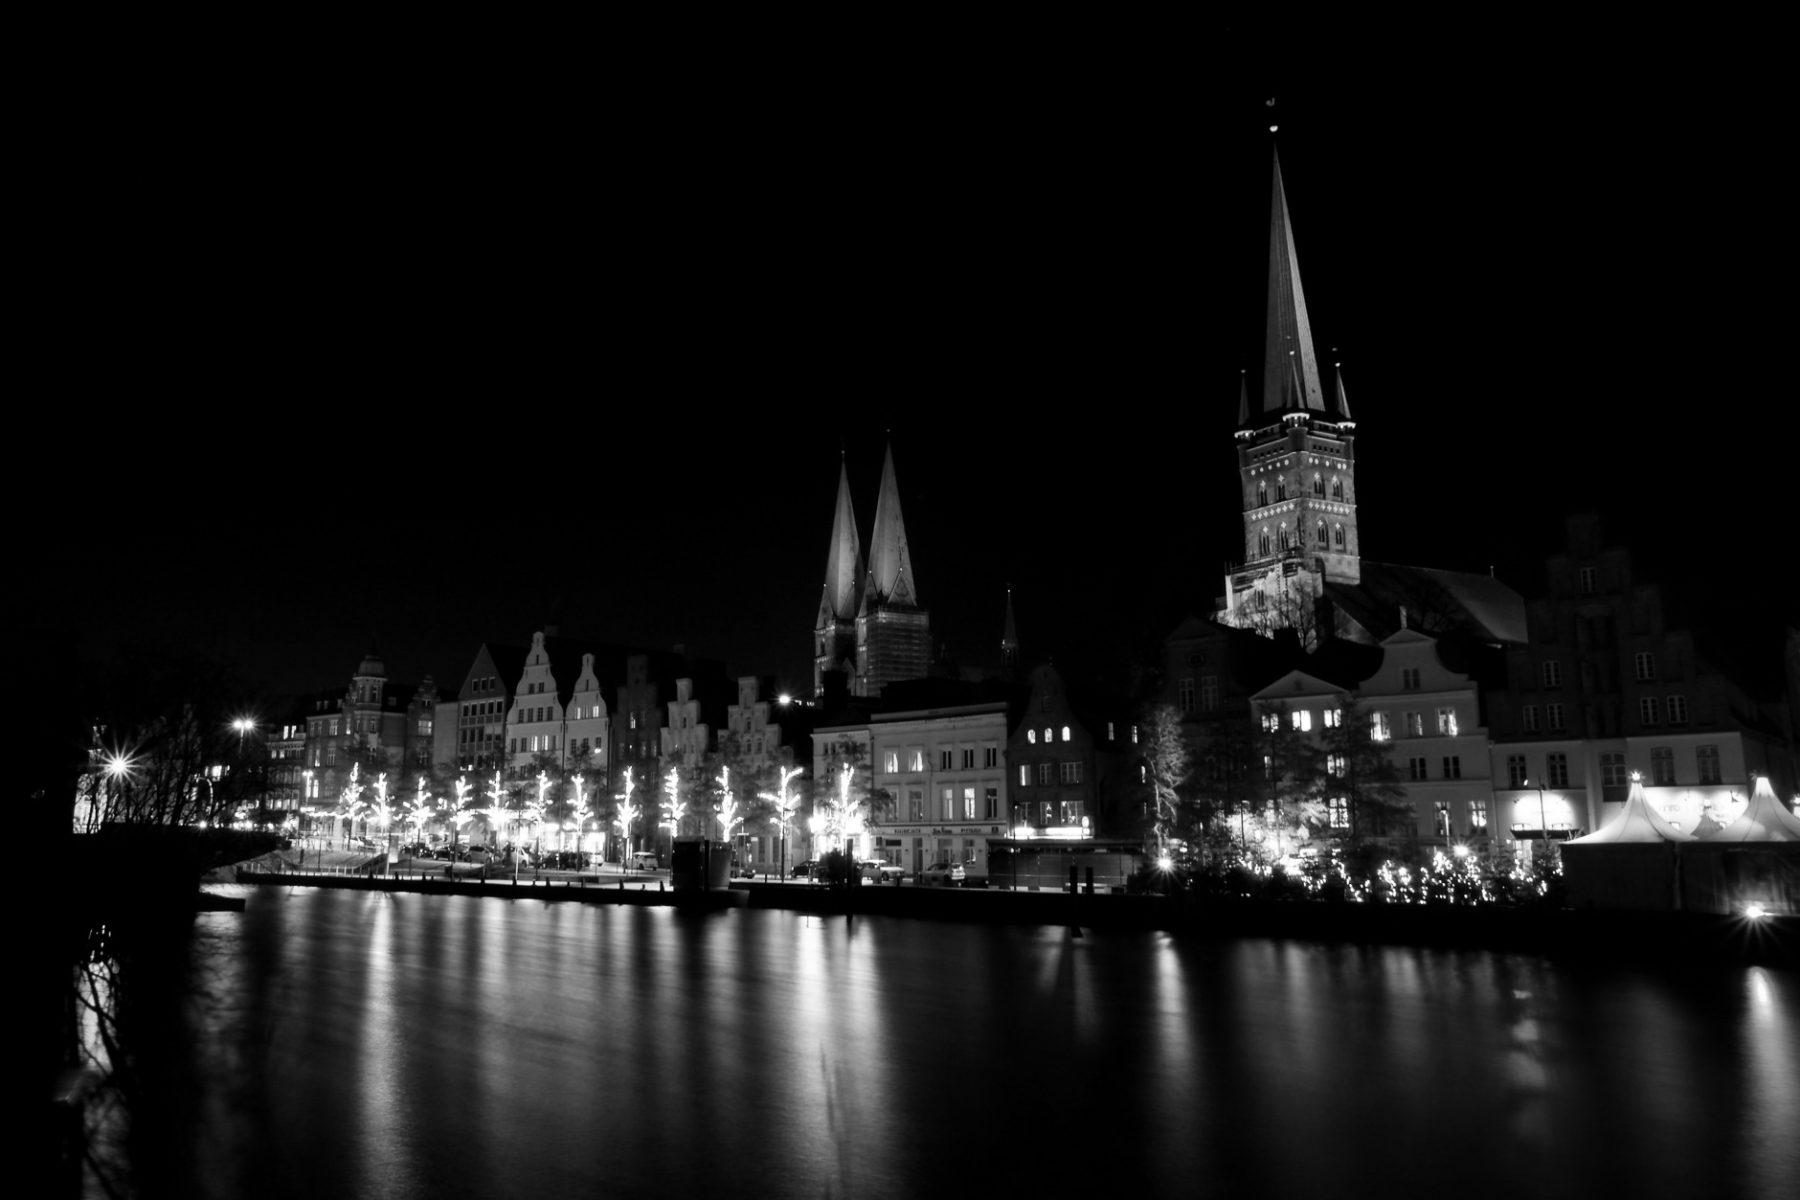 Det gamle centrum i Lübeck - natfotografering